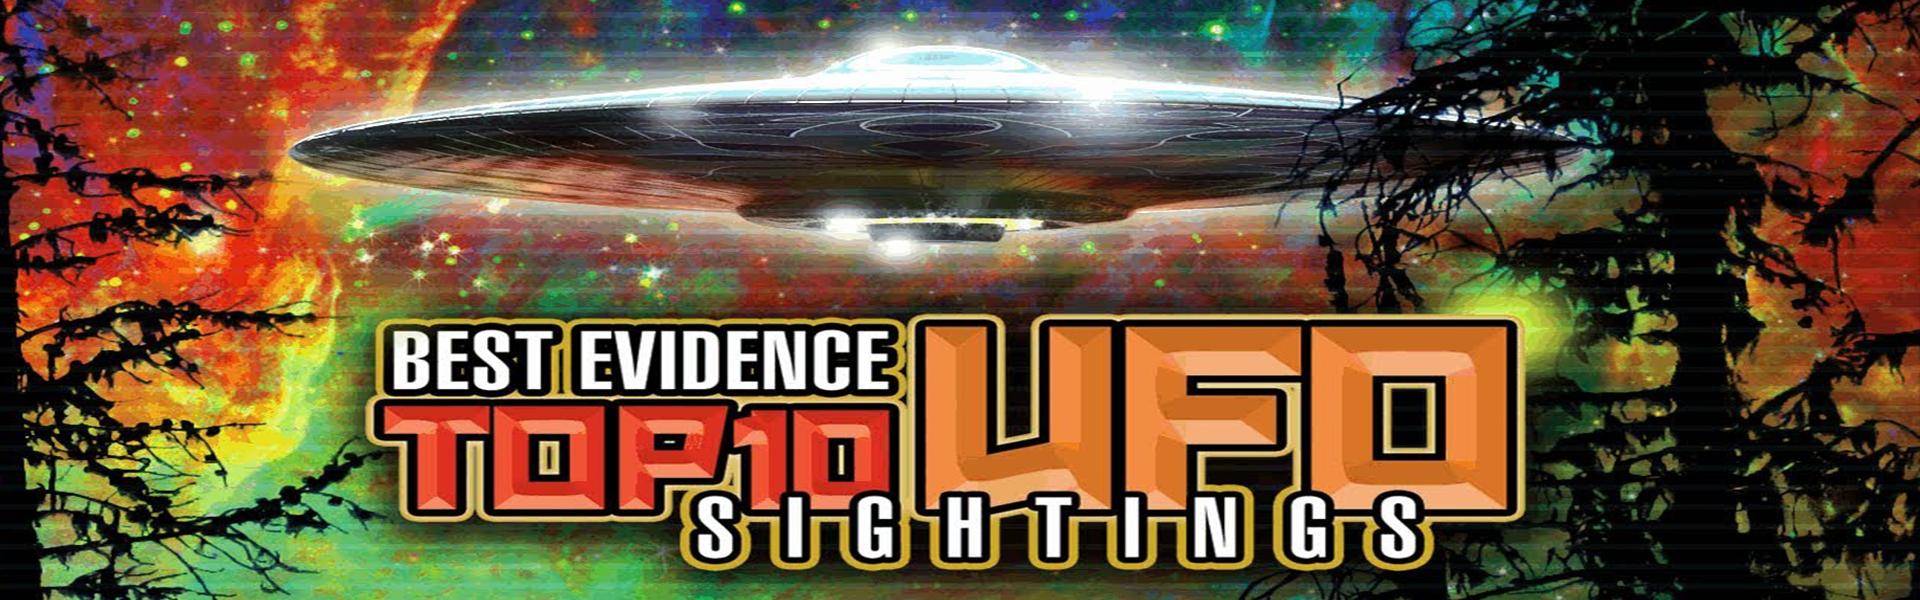 best evidence slide